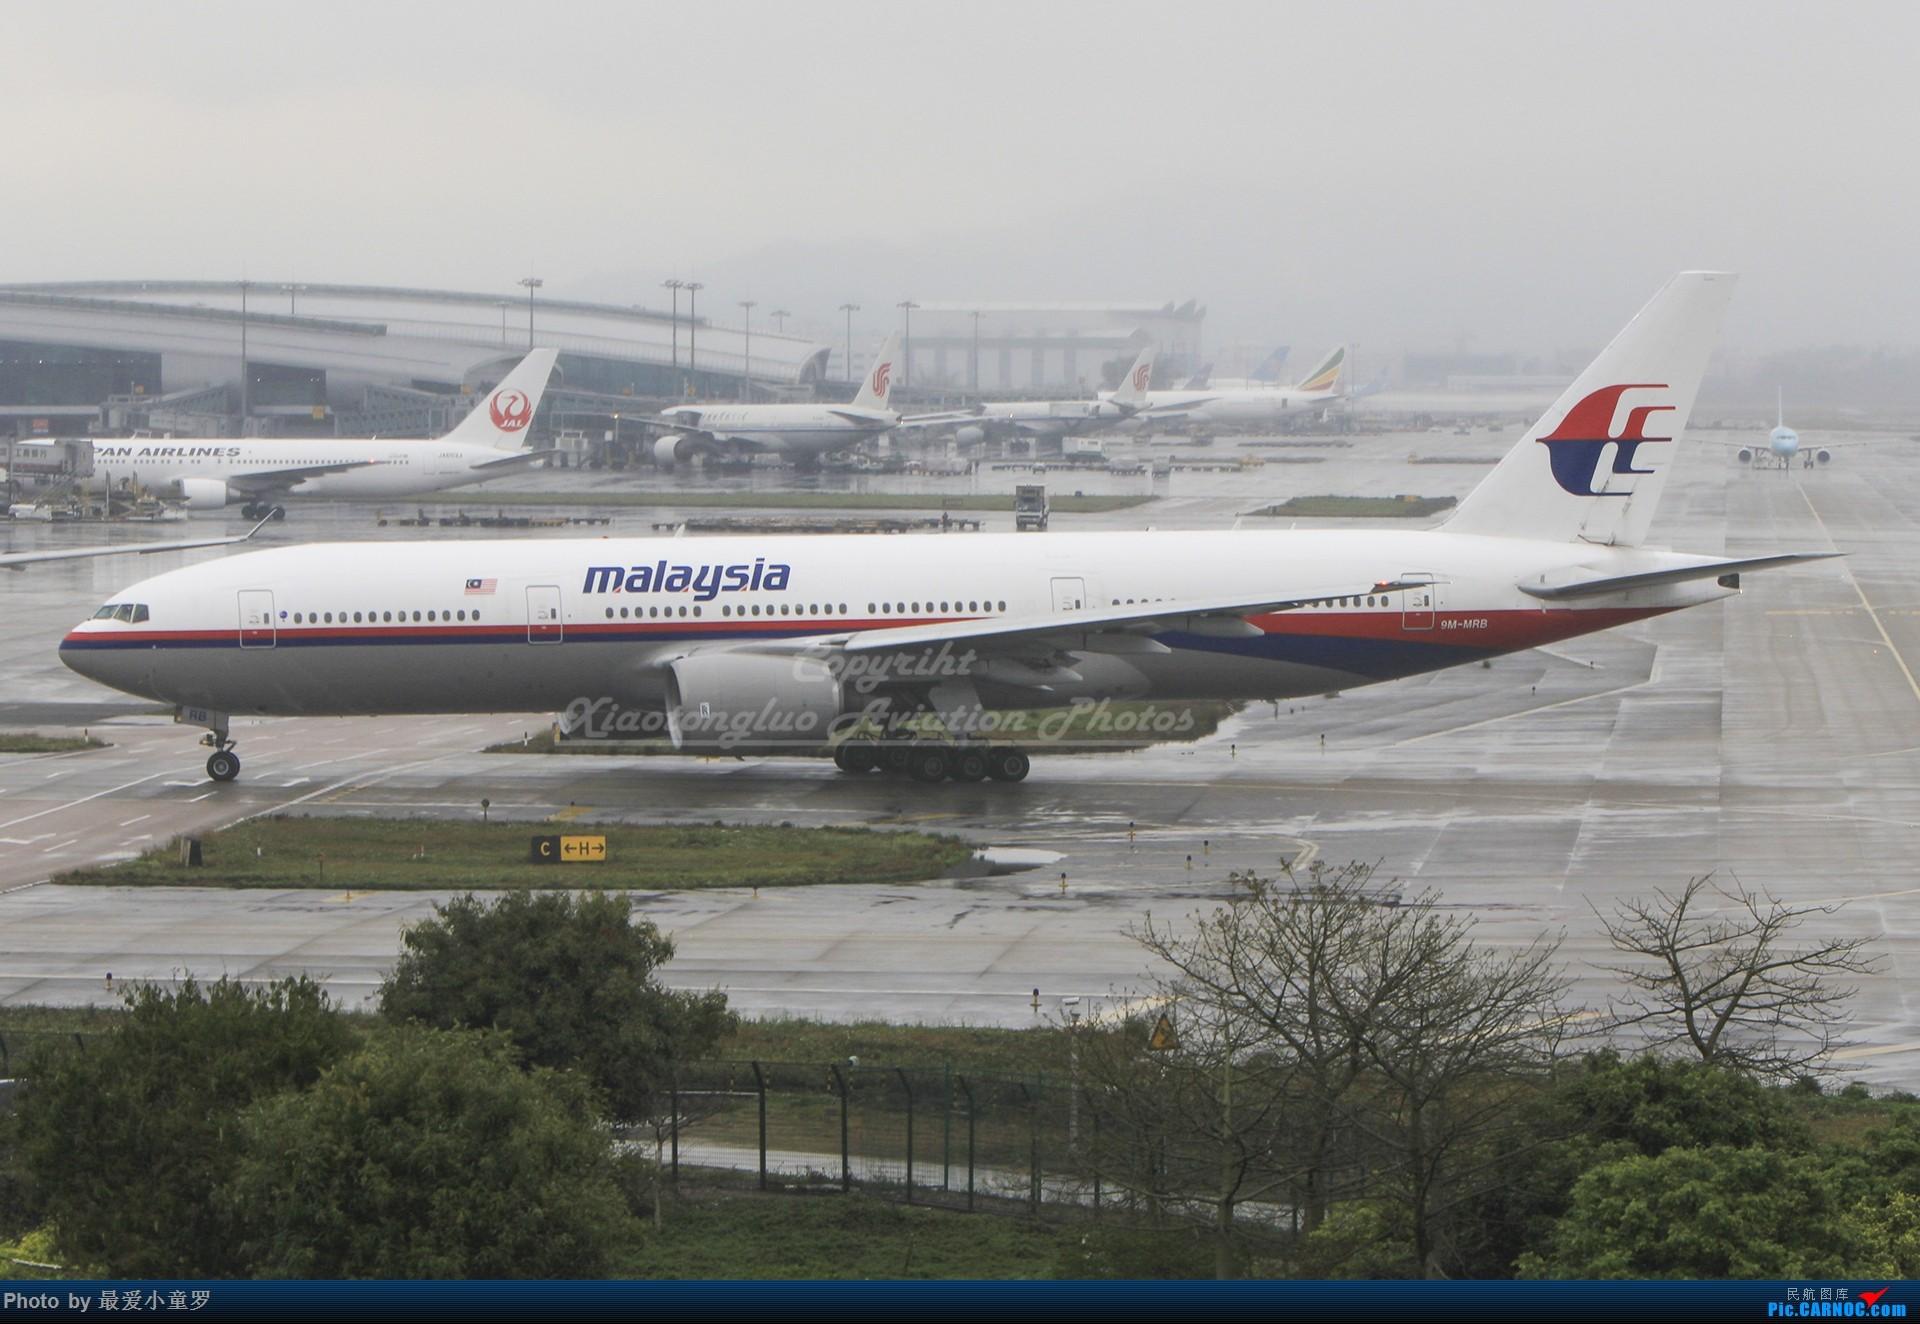 Re:[原创]2013-2018,系列组图纪念拍机5周年 BOEING 777-200ER 9M-MRB 中国广州白云国际机场